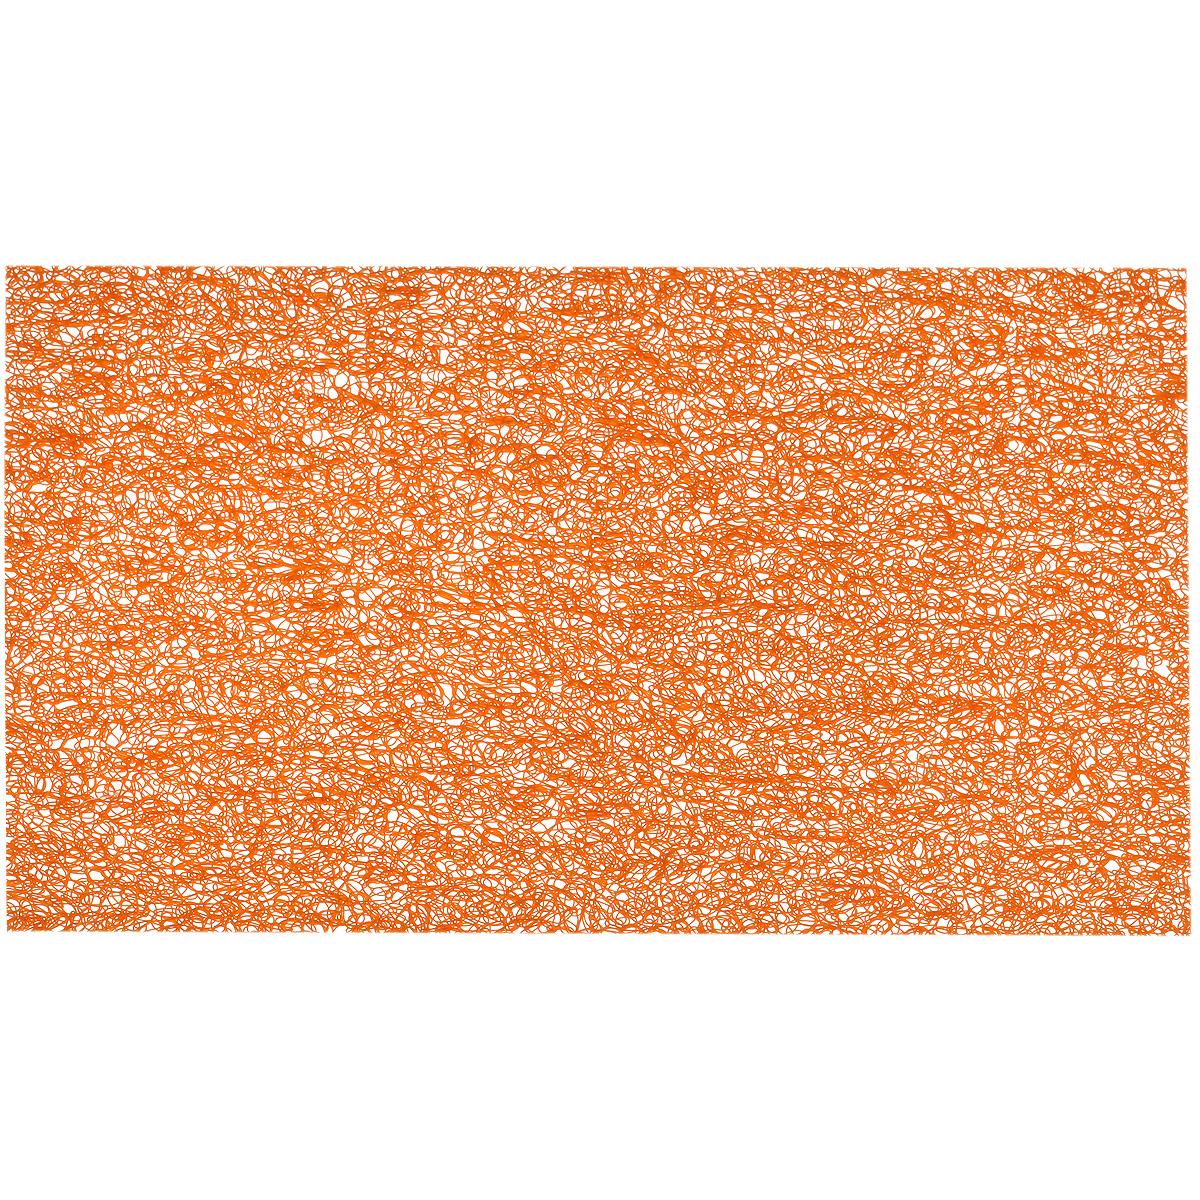 Подставка под горячее Amadeus, цвет: оранжевый, 45 х 30 см 28HZ-902428HZ-9024Прямоугольная подставка под горячее Amadeus выполнена из тонких полимерных нитей, переплетенных между собой. Подставка не боится высоких температур и легко чистится от пятен и жира. Каждая хозяйка знает, что подставка под горячее - это незаменимый и очень полезный аксессуар на каждой кухне. Ваш стол будет не только украшен оригинальной подставкой, но и сбережен от воздействия высоких температур ваших кулинарных шедевров. Размер подставки: 45 см х 30 см.